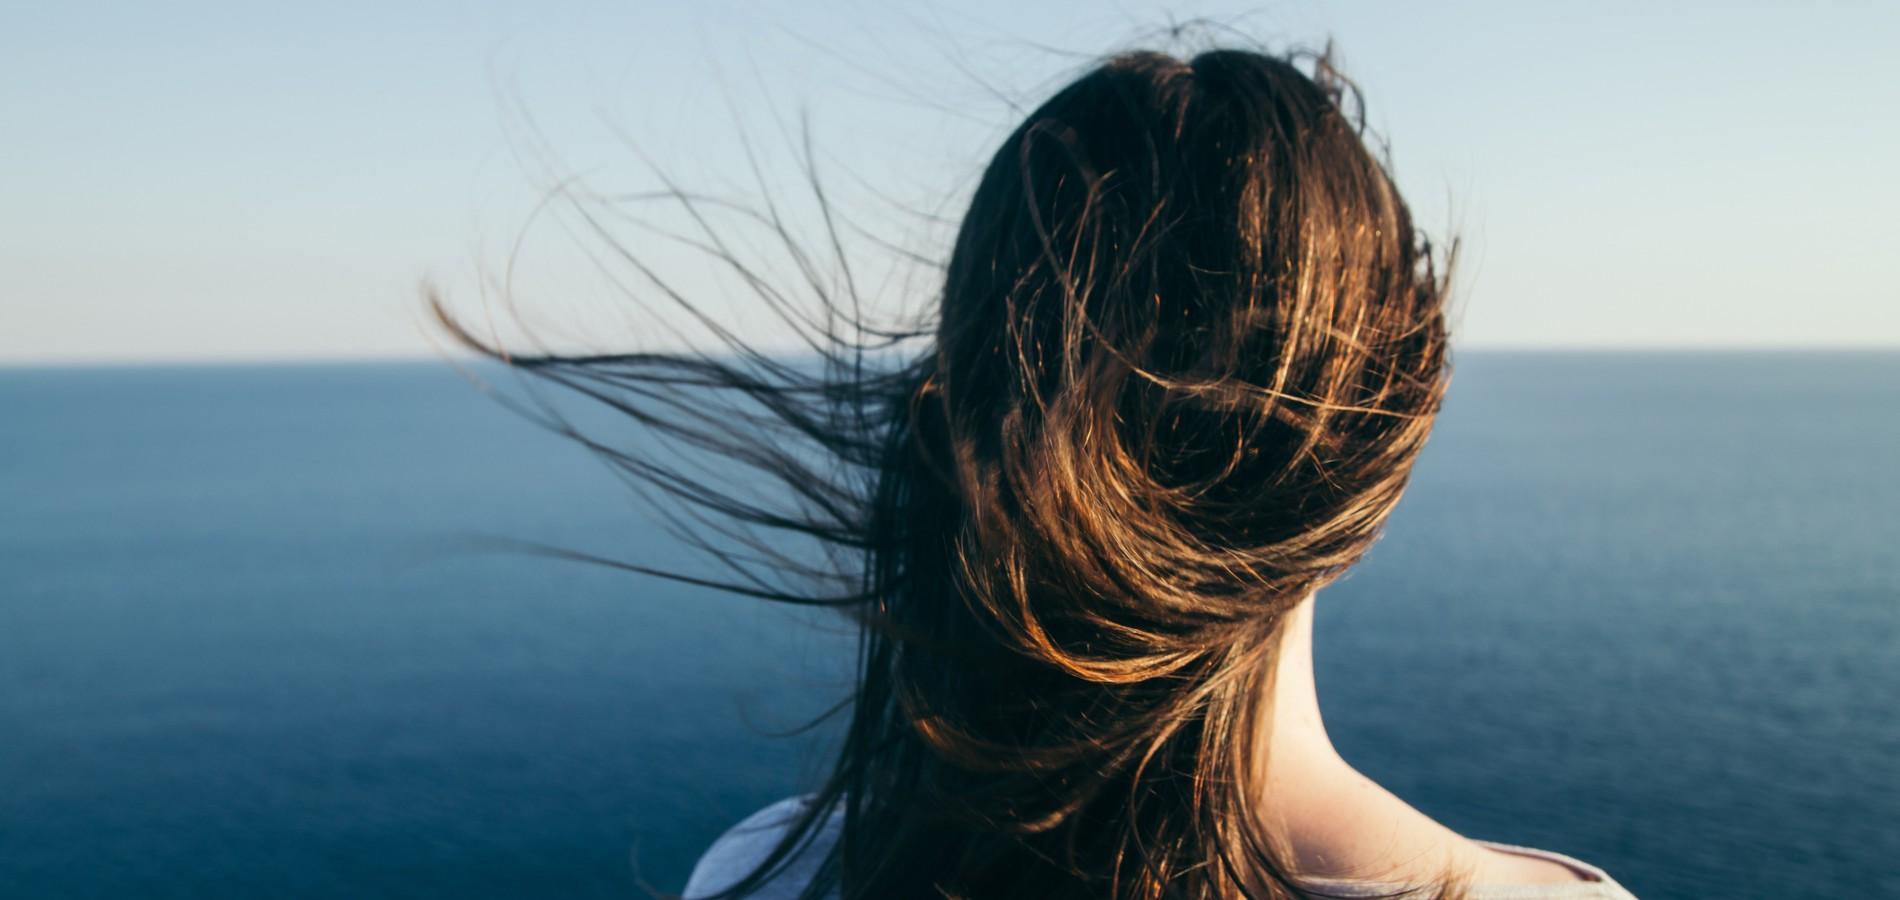 Comment passer de la datation d'un narcissique